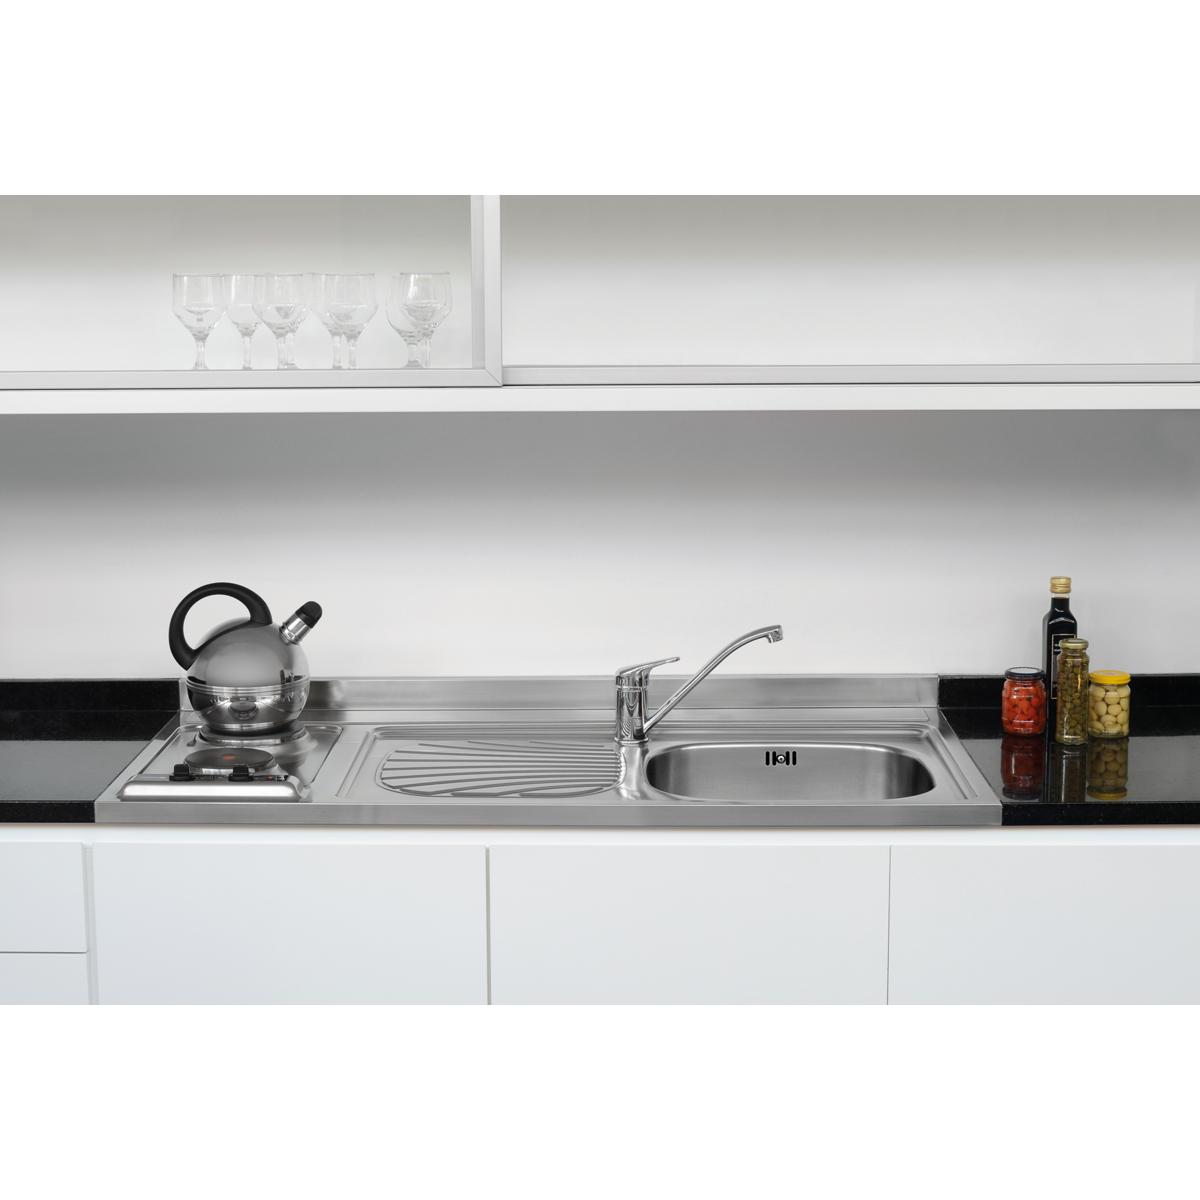 Tramontina - fregaderos + cocina en acero inoxidable 120 x 60 cm